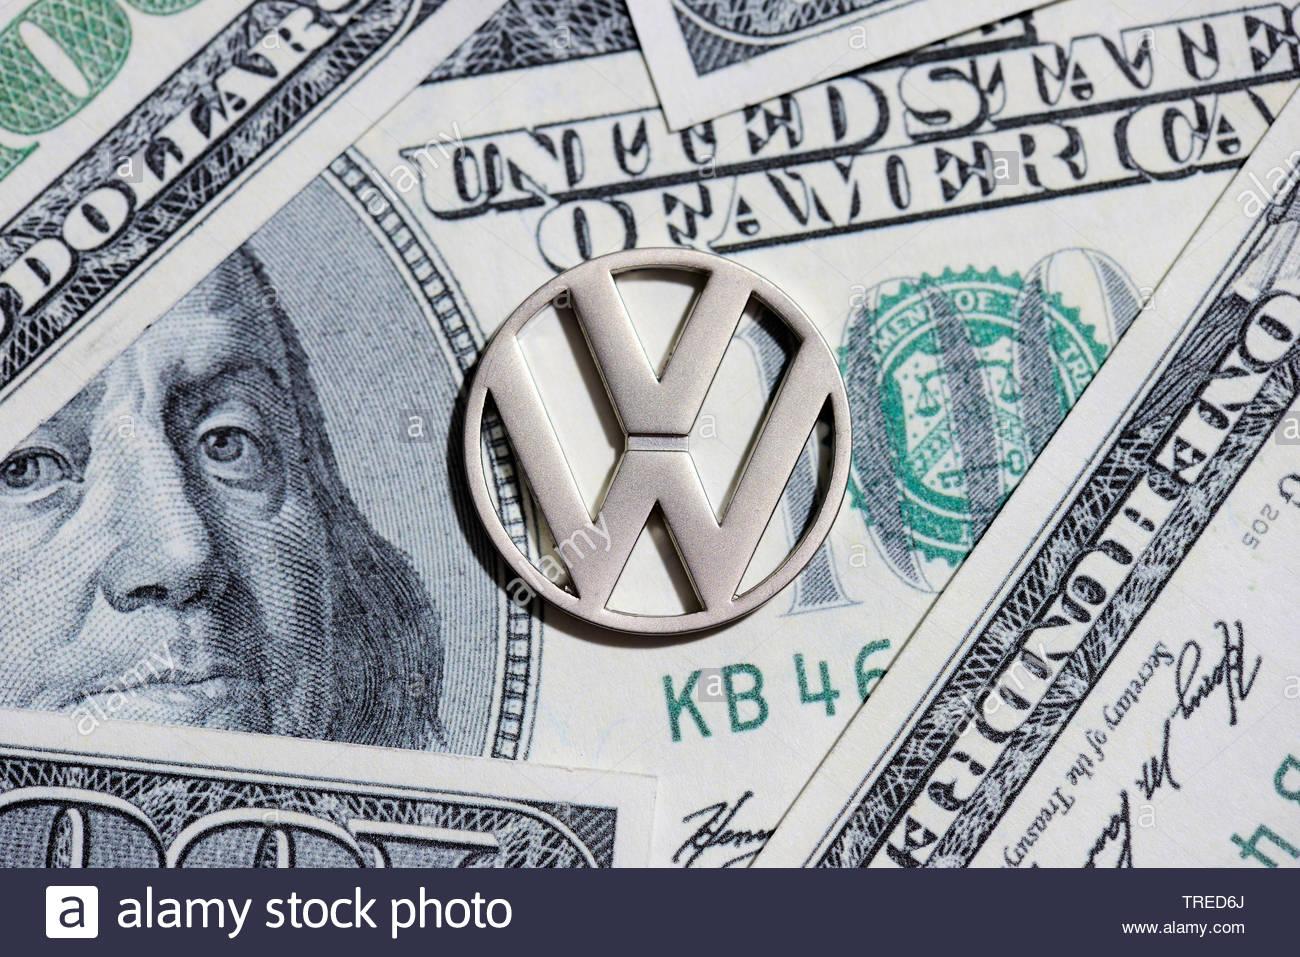 Volkswagen Firmenlogo mit Dollarnoten im Hintergrund - Strafzahlung Dieselaffaere | Volkswagen logo against Dollar bills - penalty for diesel emission - Stock Image